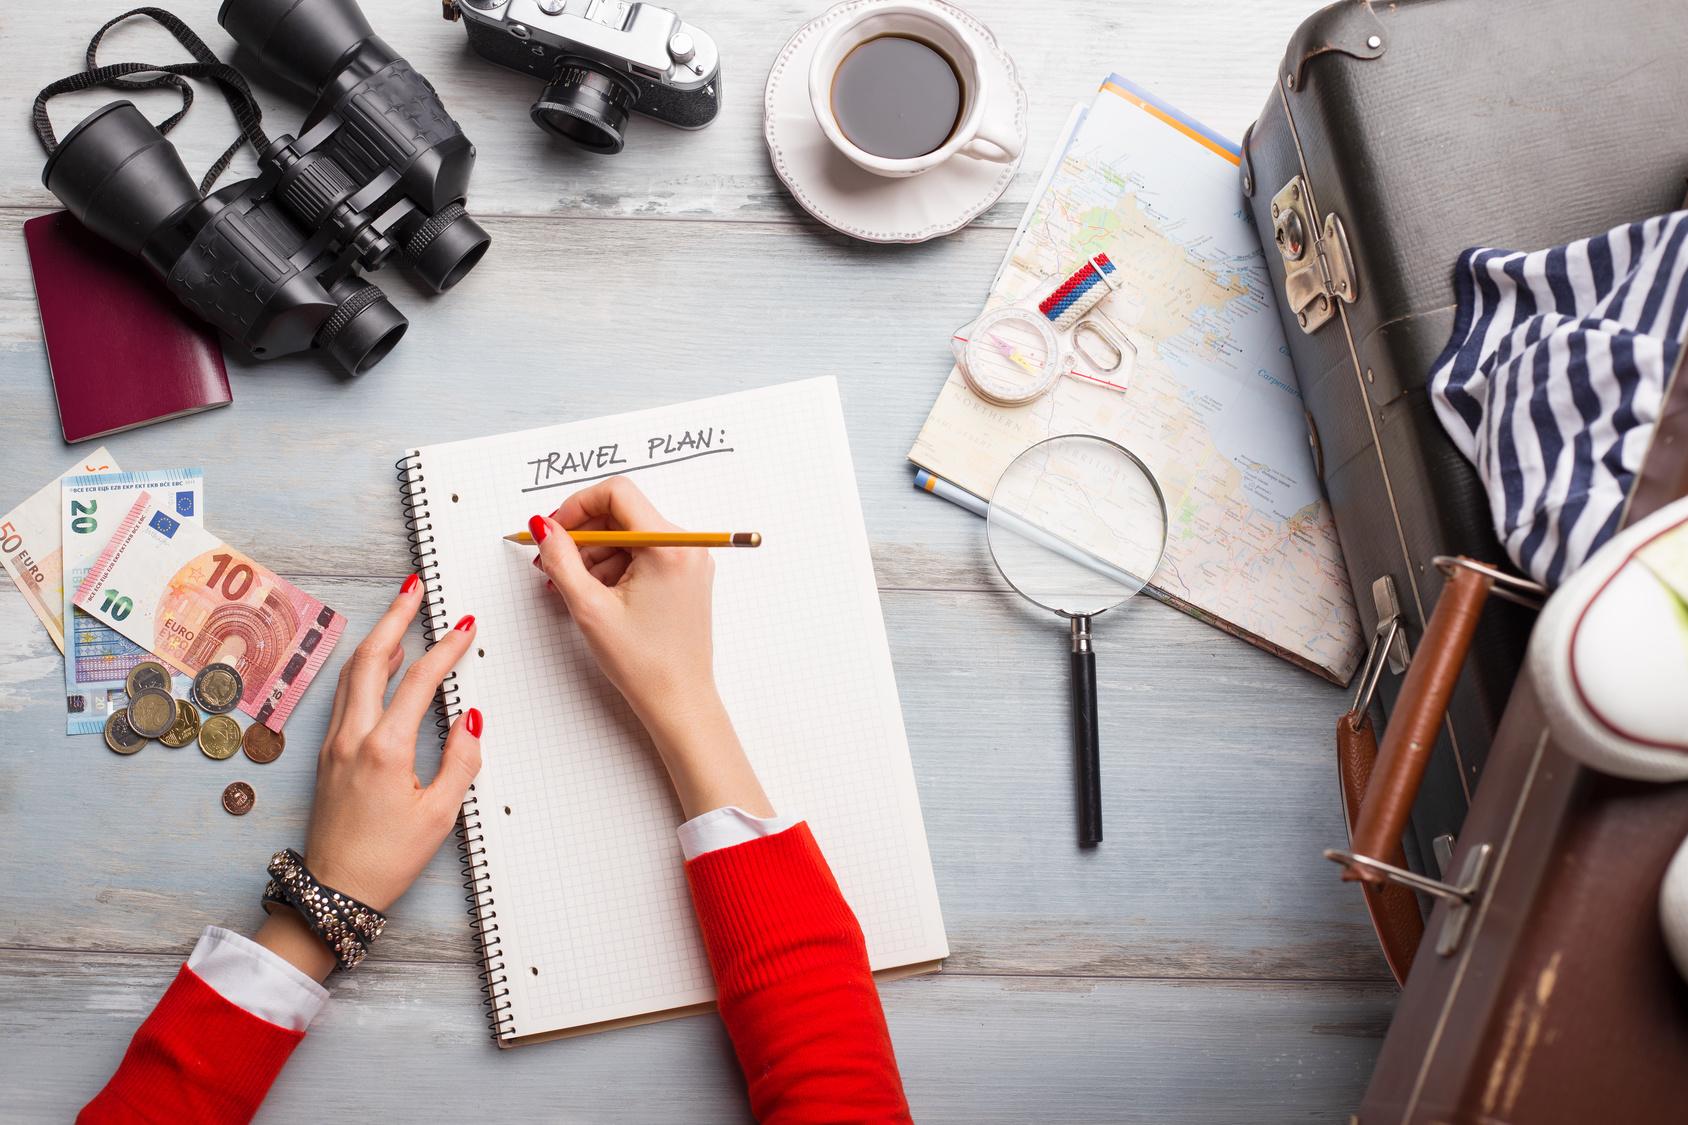 5 Tips si planeas viajar por fin de año